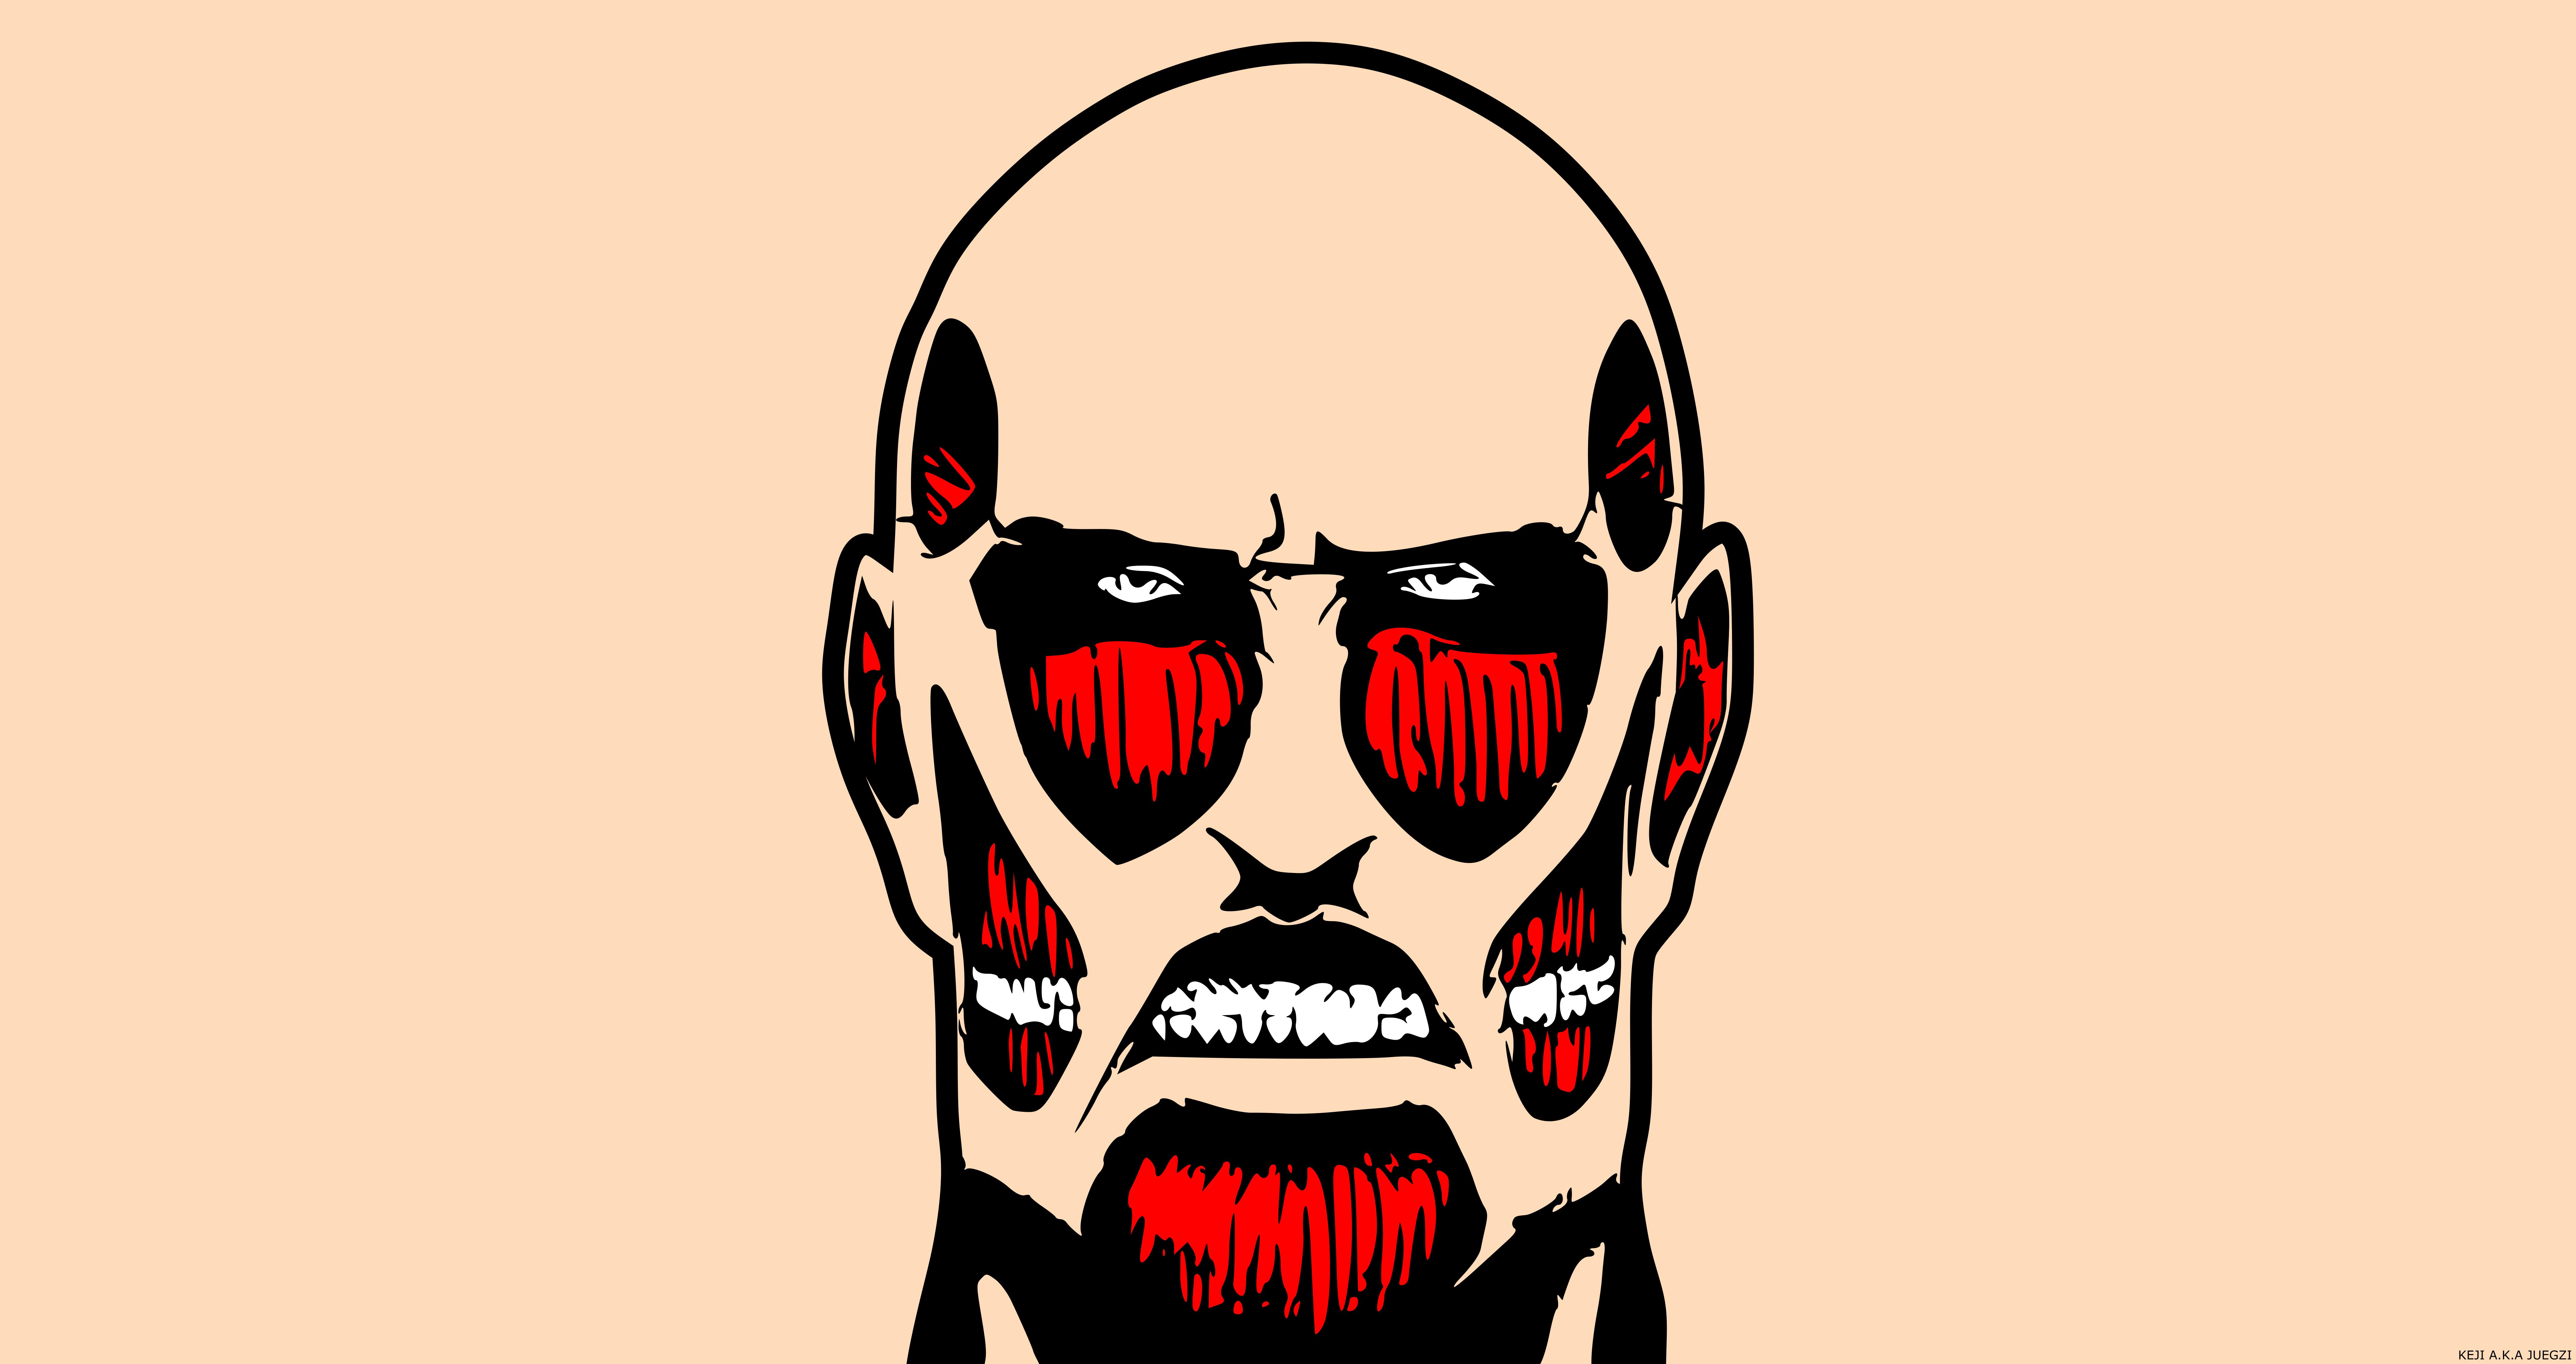 Attack On Titan Colossal Titan Face Minimalist Wallpaper Resolution 8500x4500 Id 1072032 Wallha Com